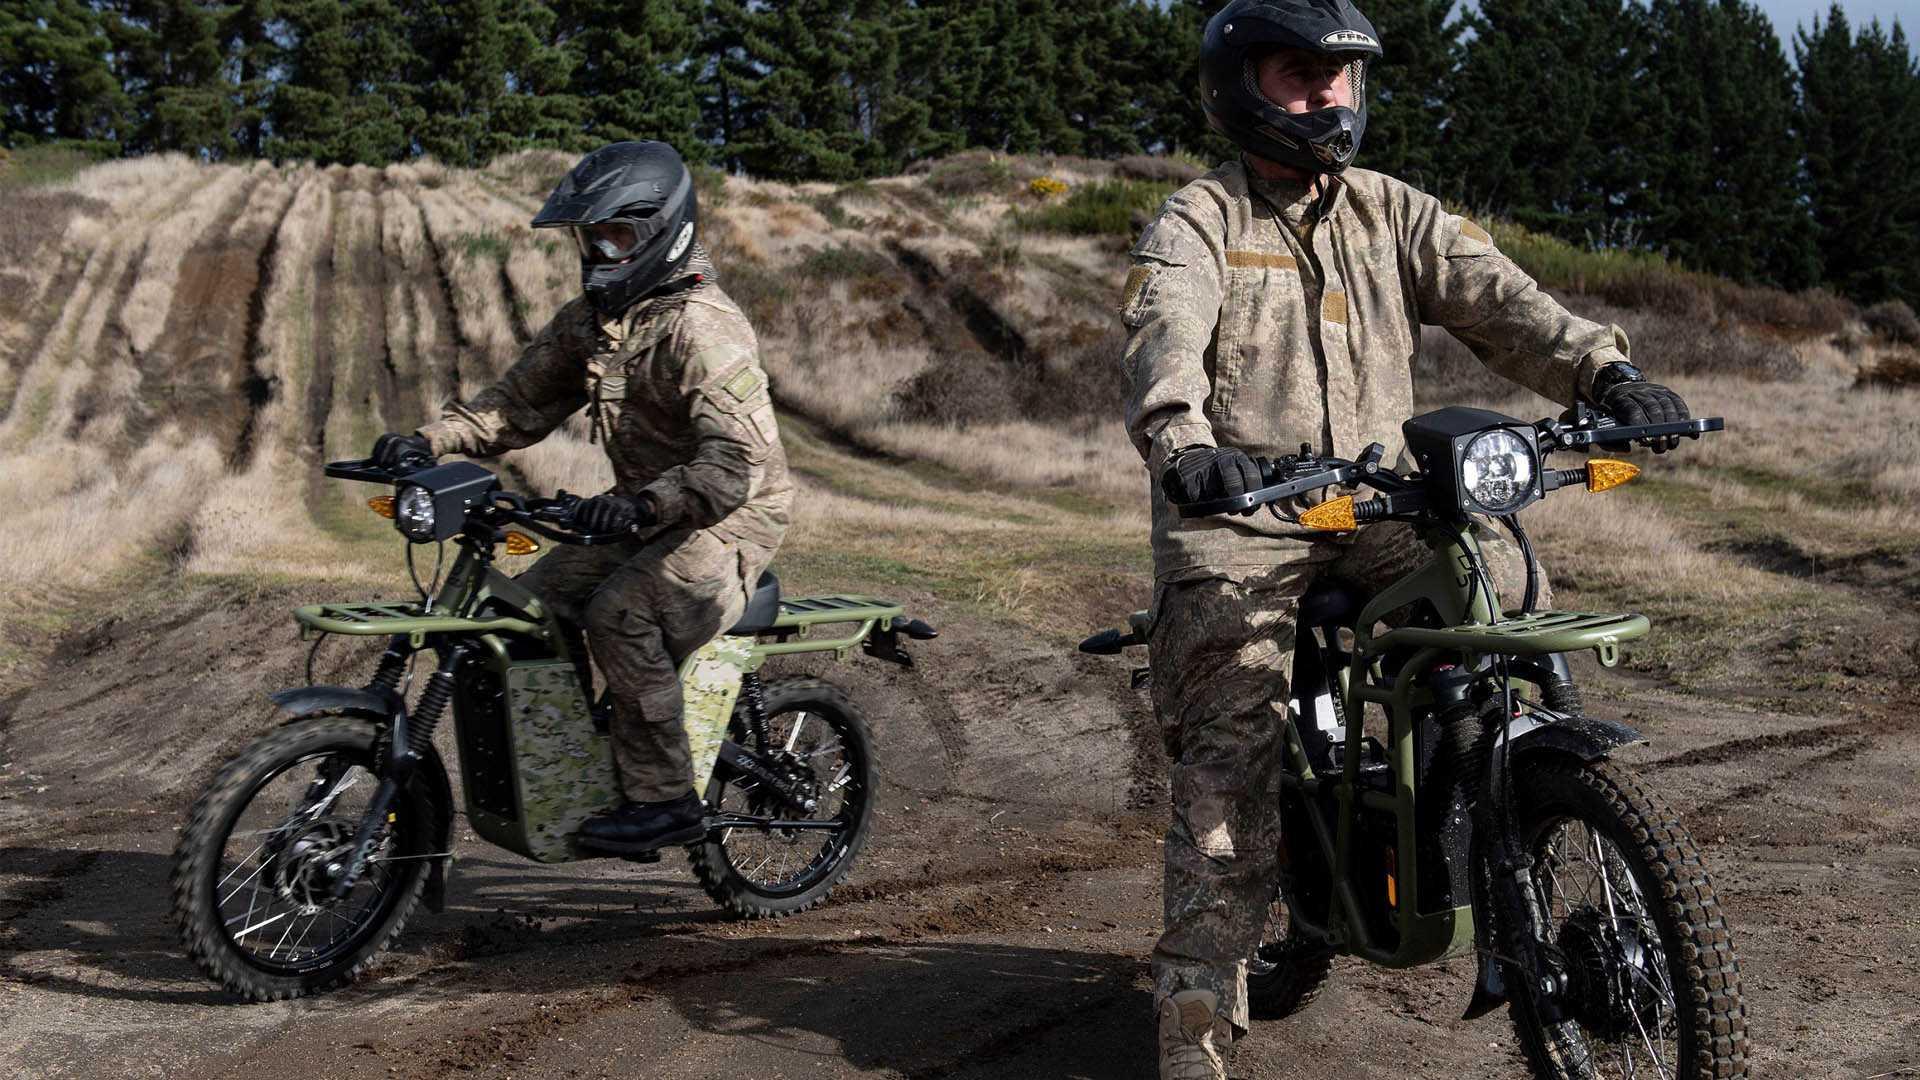 UBCO 2X2 - Dòng xe điện mới được thử nghiệm bởi Quân đội New Zealand